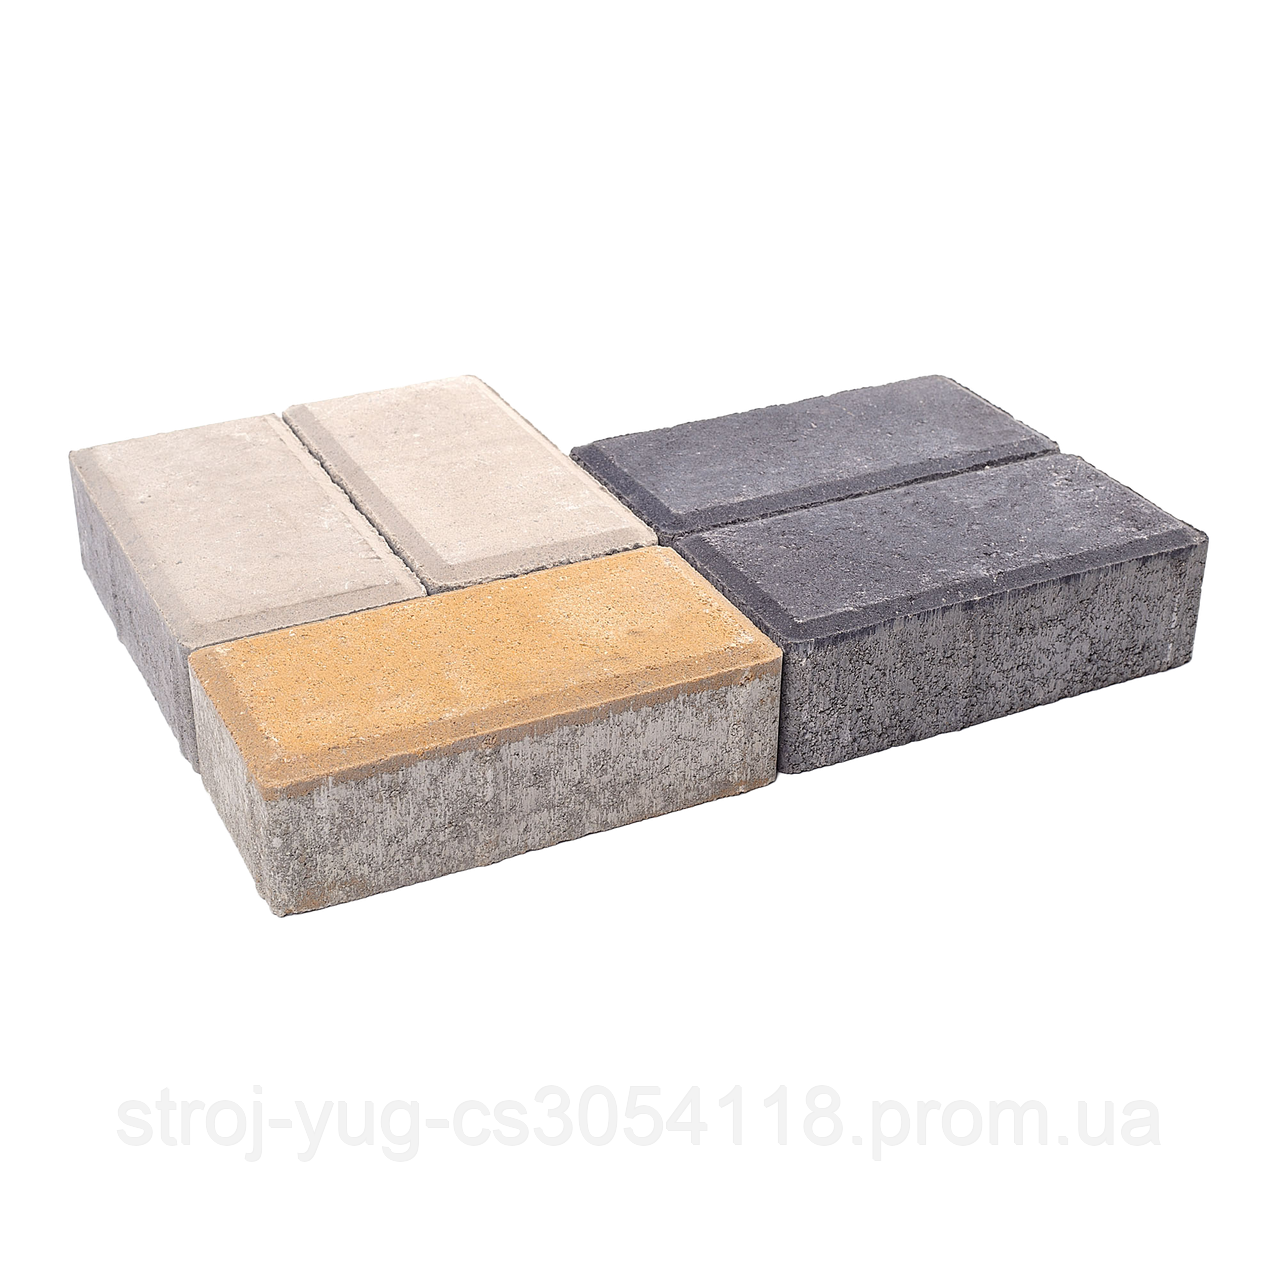 Тротуарная плитка «Брусчатка», серый, 60 мм, заводское качество